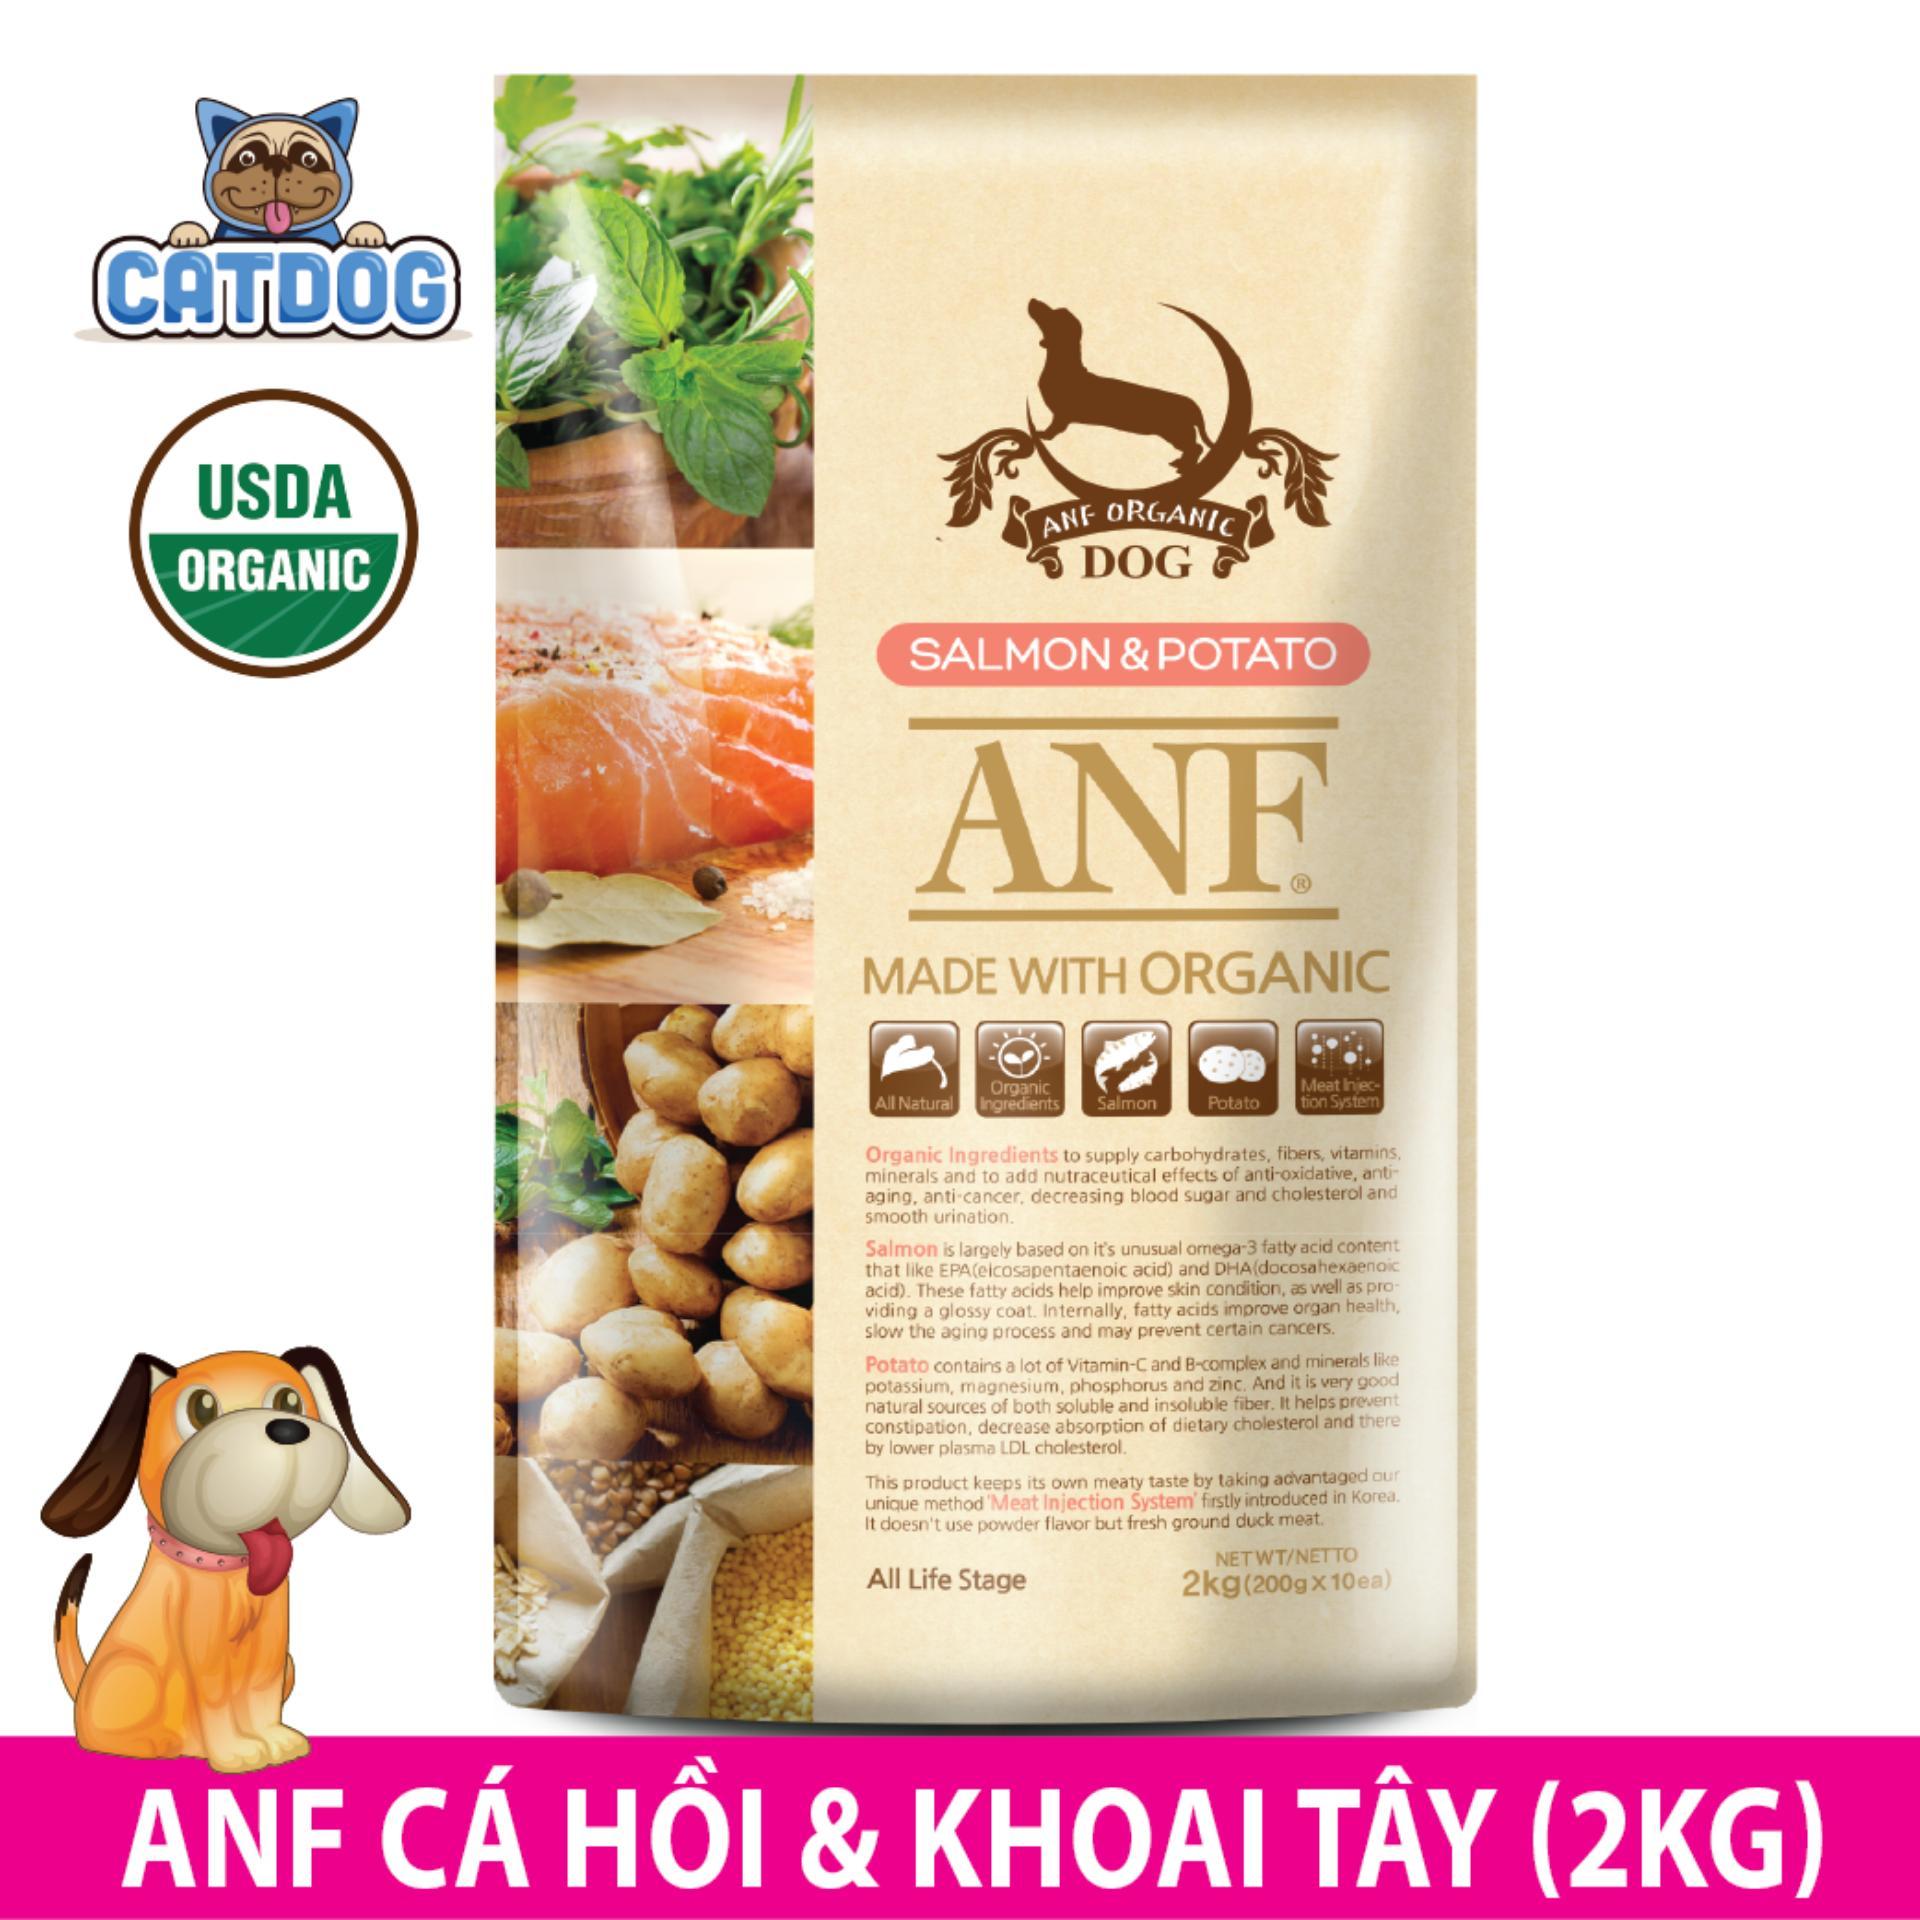 Bán Hạt Anf Made With Organic Vị Ca Hồi Va Khoai Tay 2Kg Cho